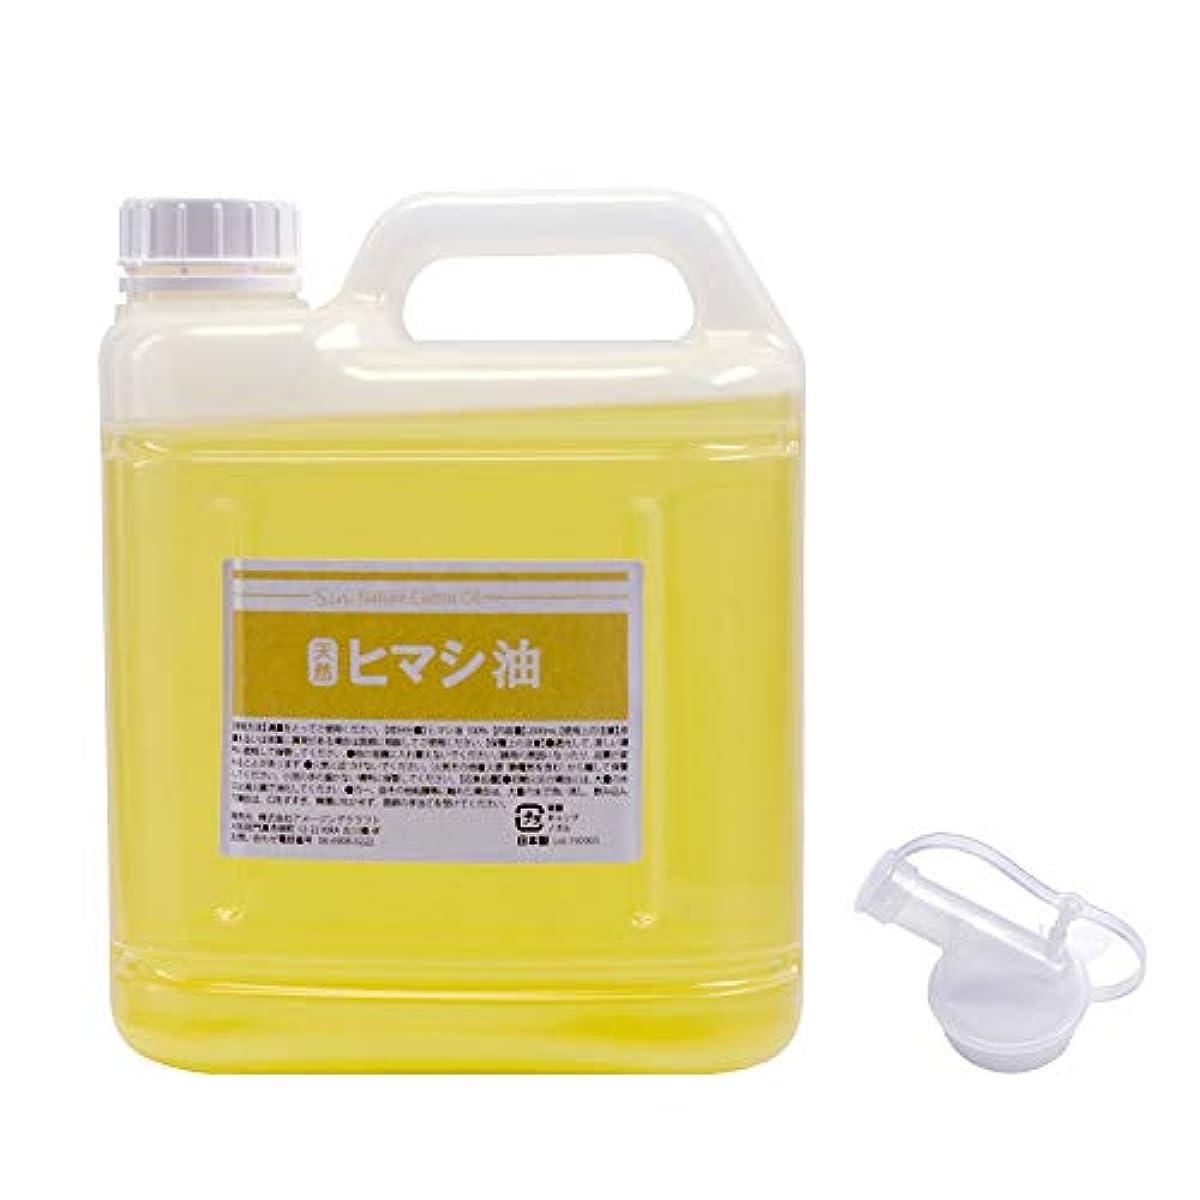 追い払う借りているバリー天然無添加 国内精製ひまし油 (キャスターオイル) 2000ml 2L